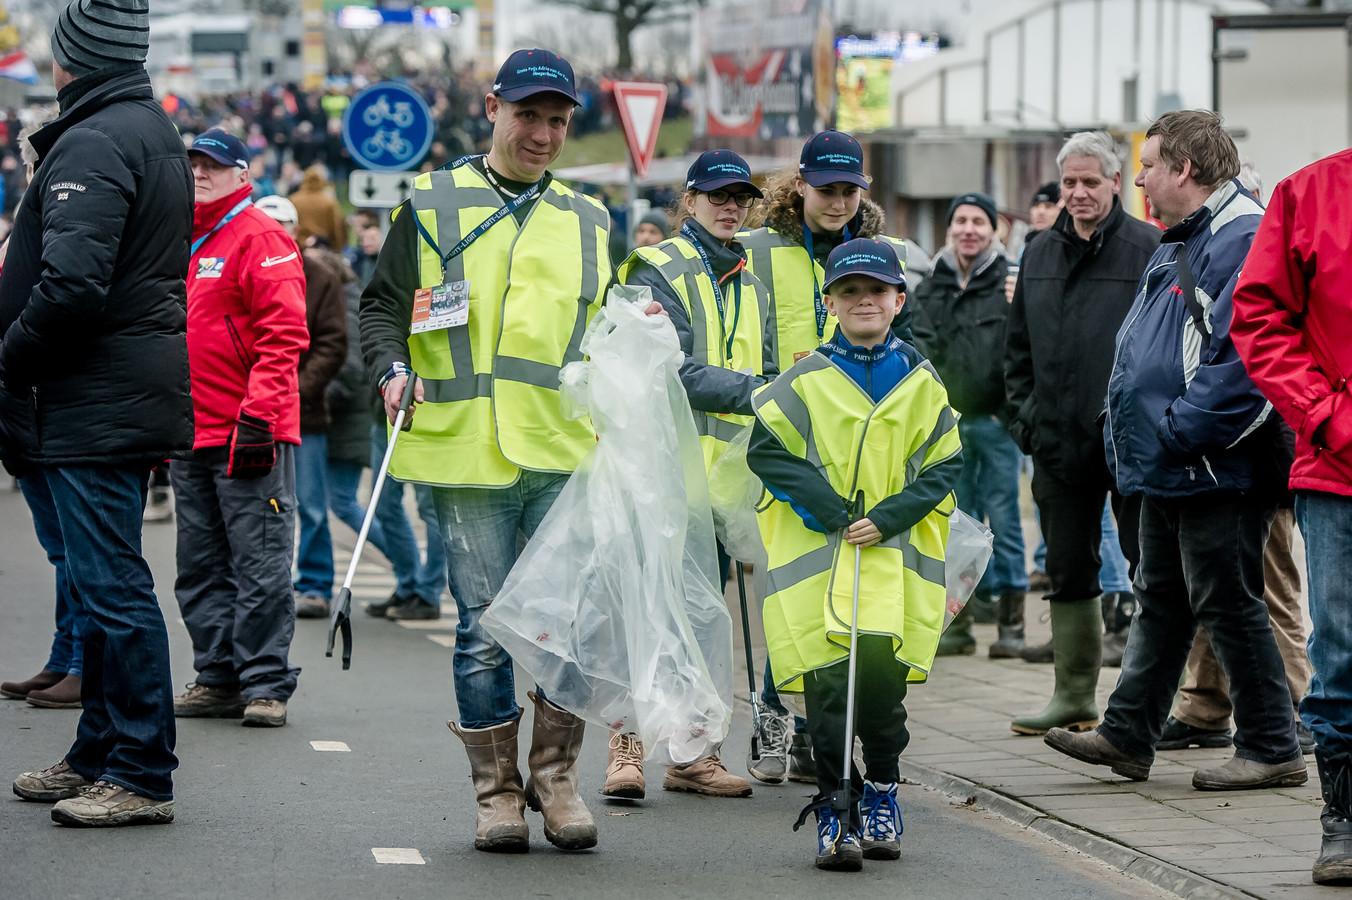 Sinds drie jaar lopen ecoteams met leerlingen van het ZuidWestHoek College over het parcours van de Grote Prijs Adrie van der Poel om afval op te ruimen.